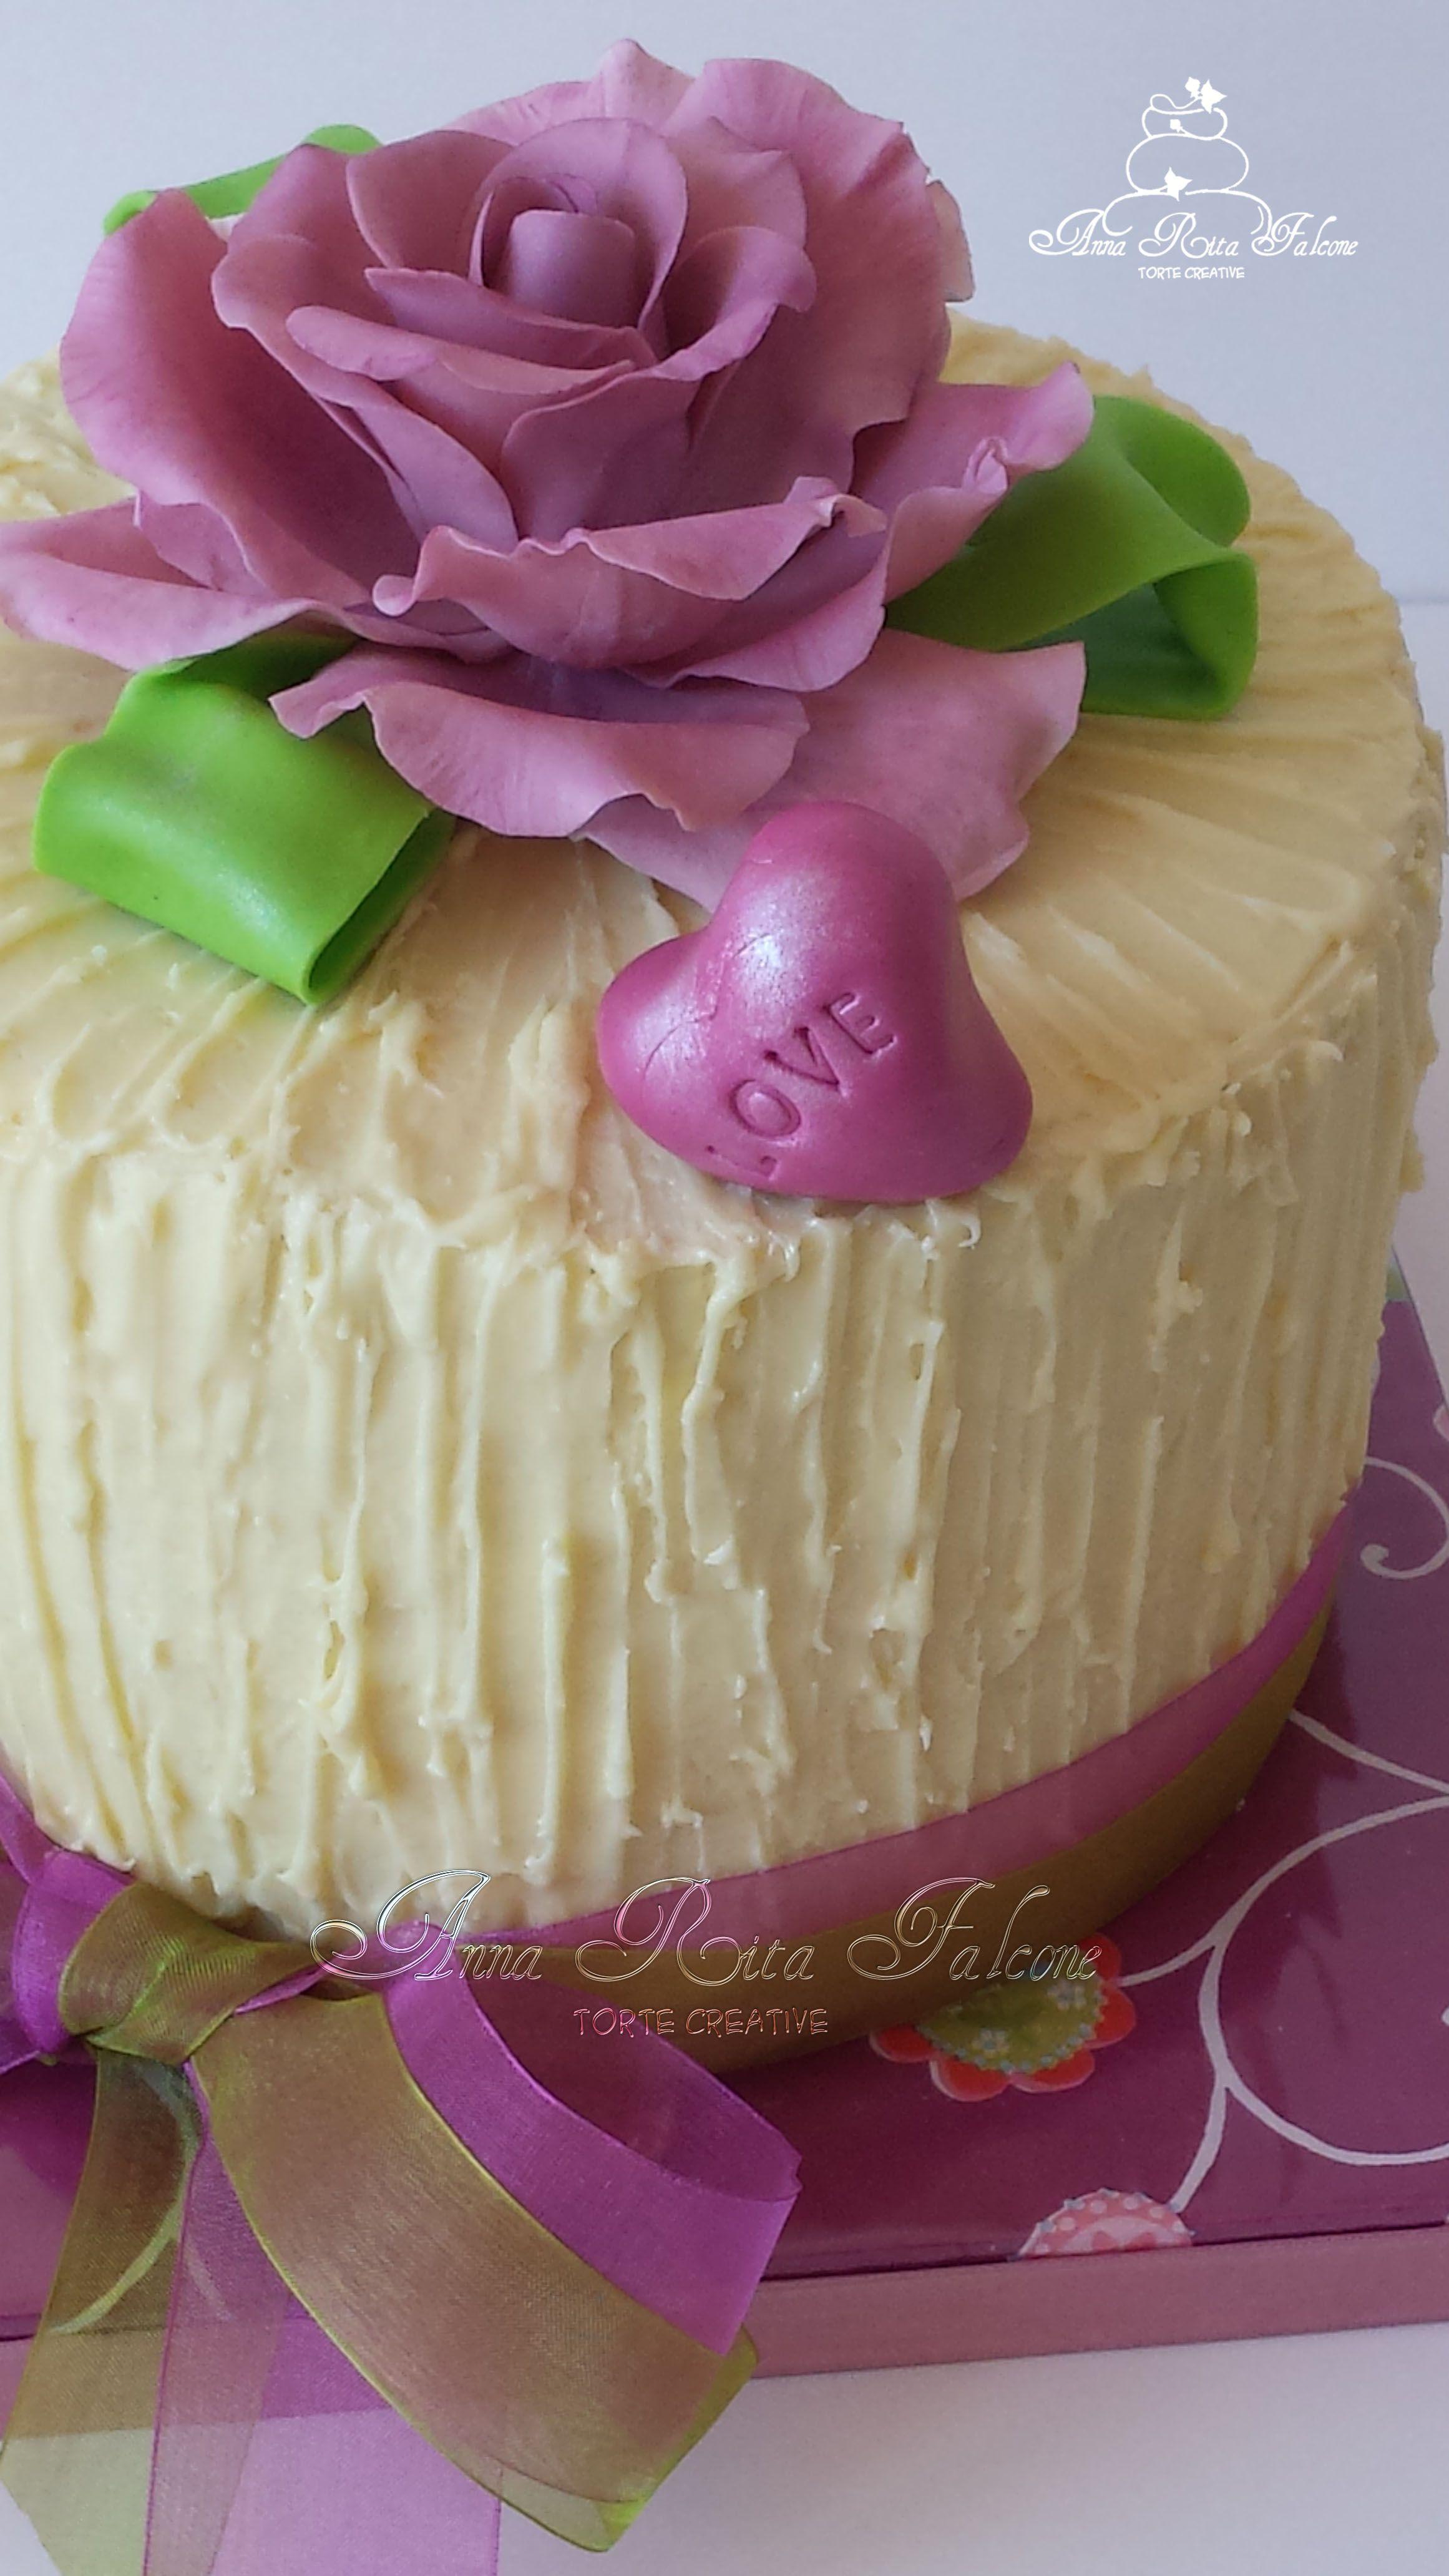 Cake rose end cioccolate